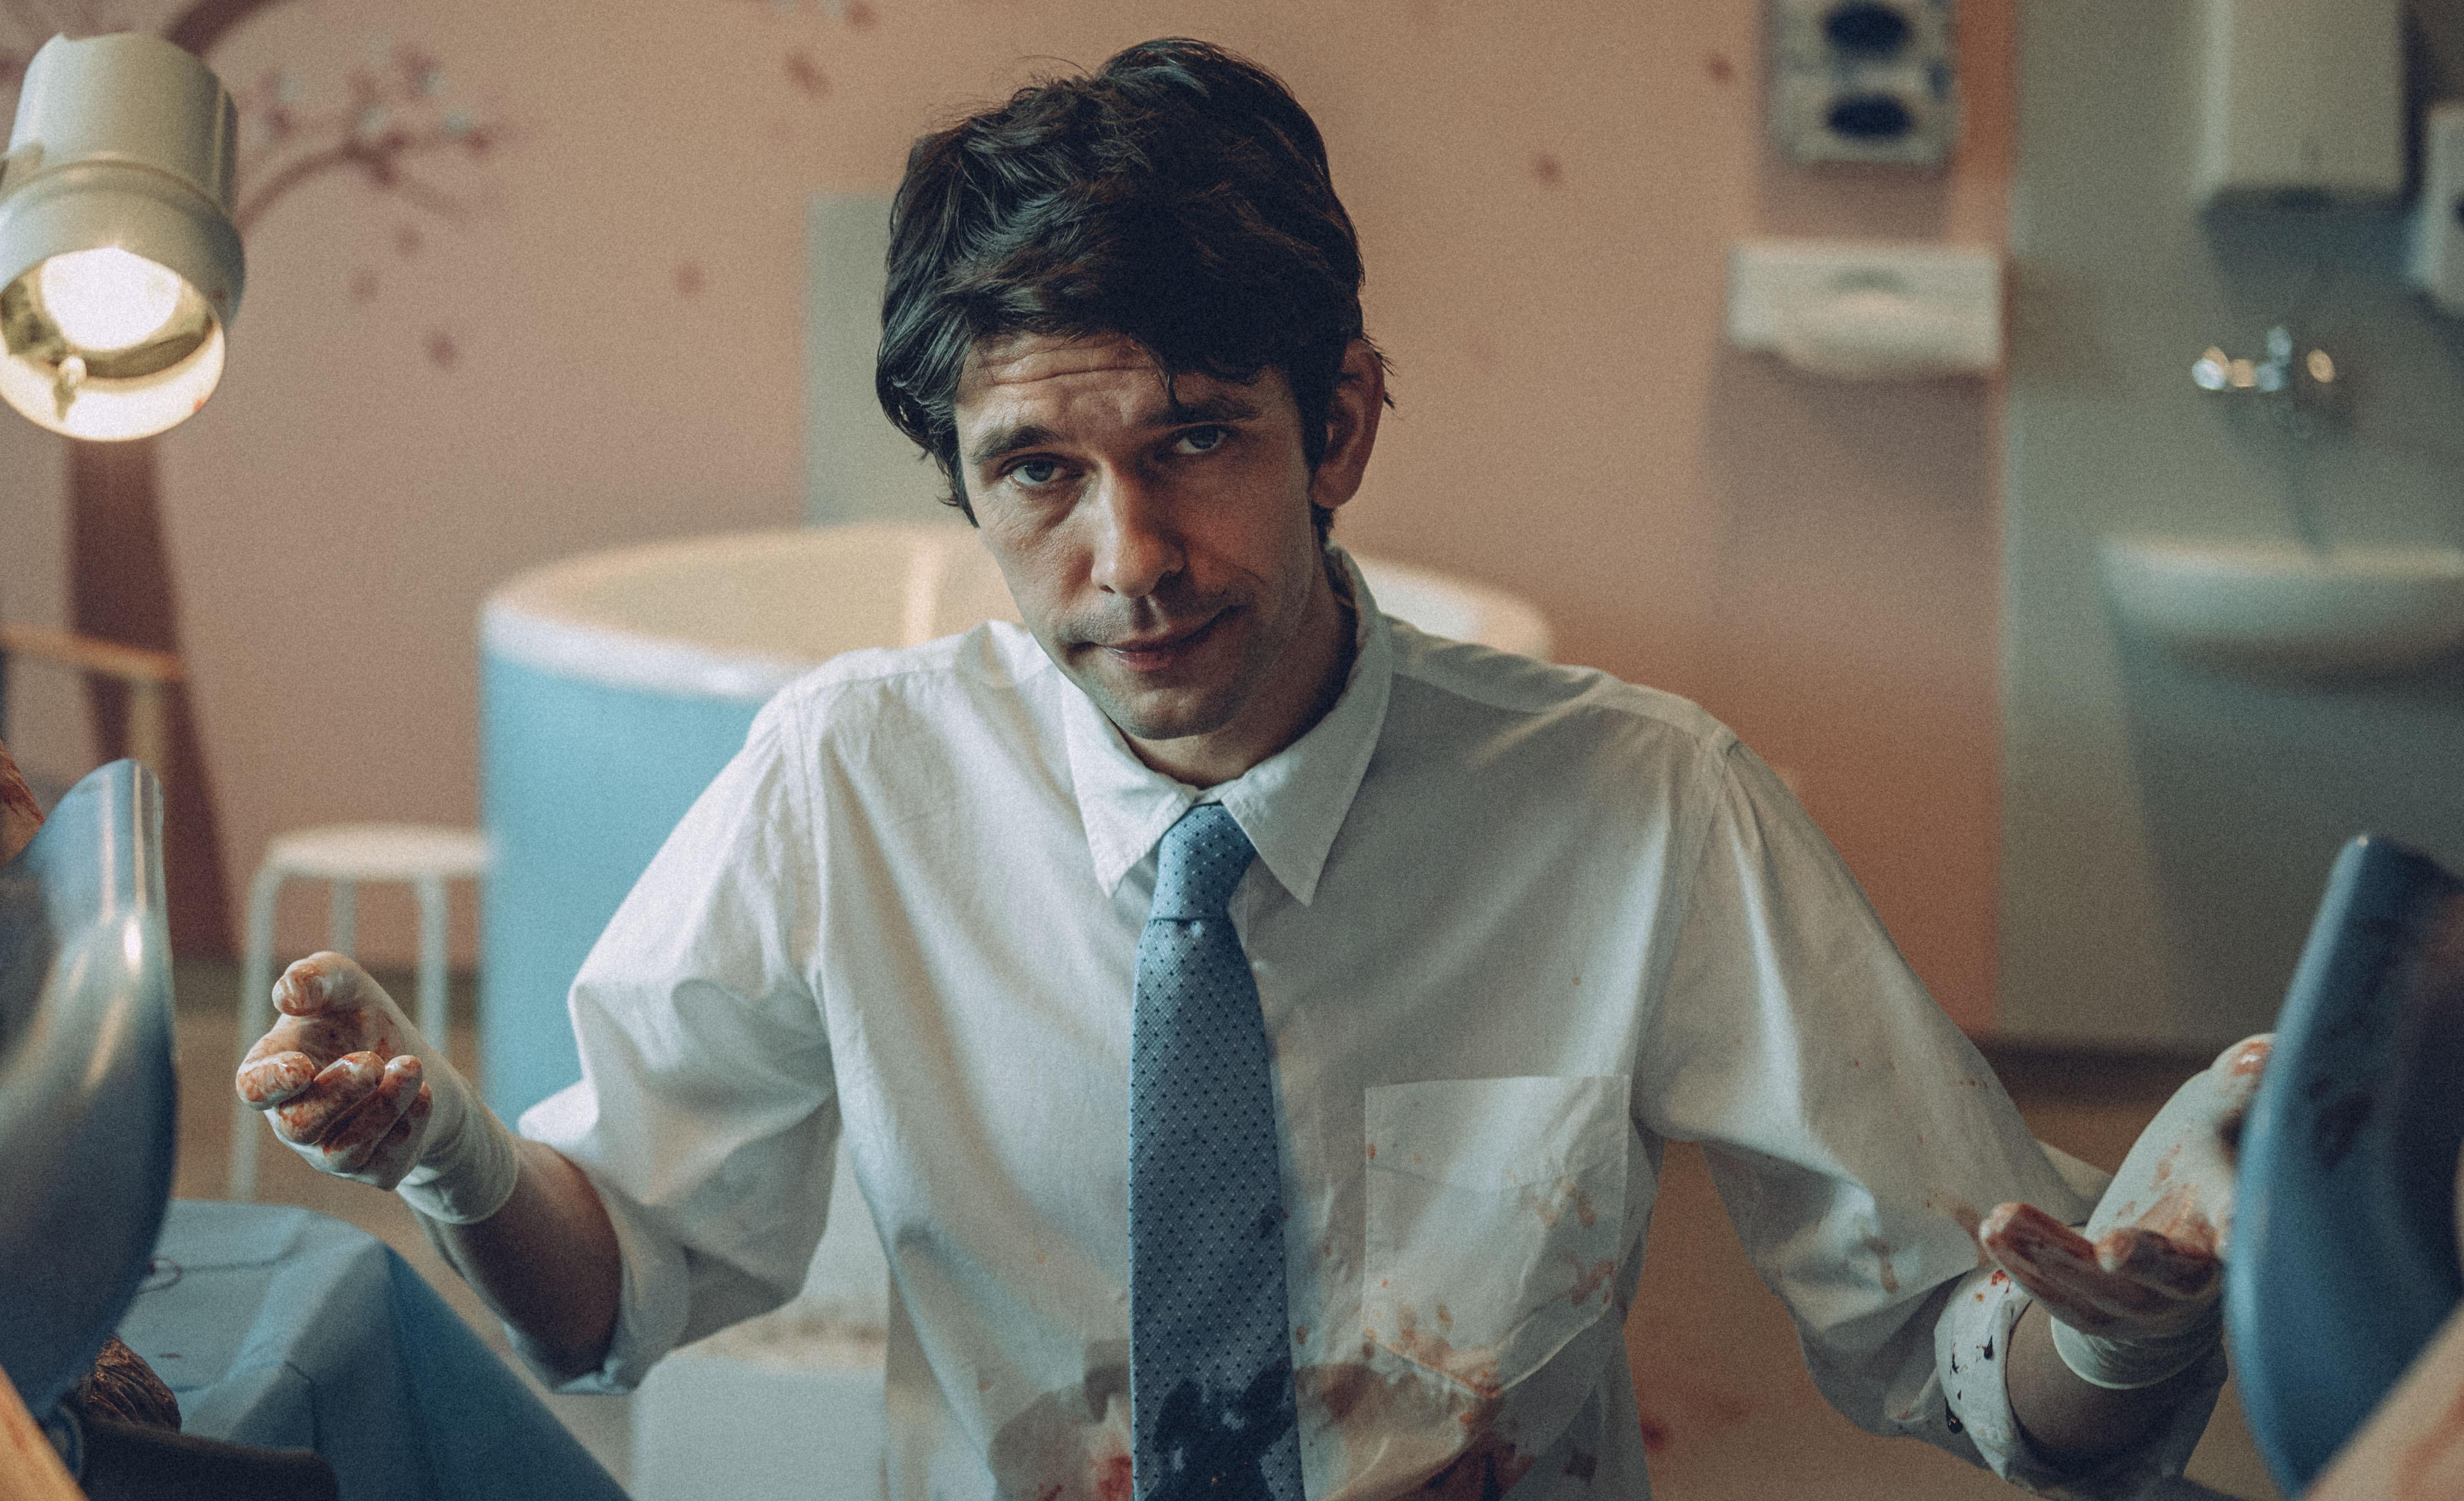 Ben Whishaw as Adam Kay